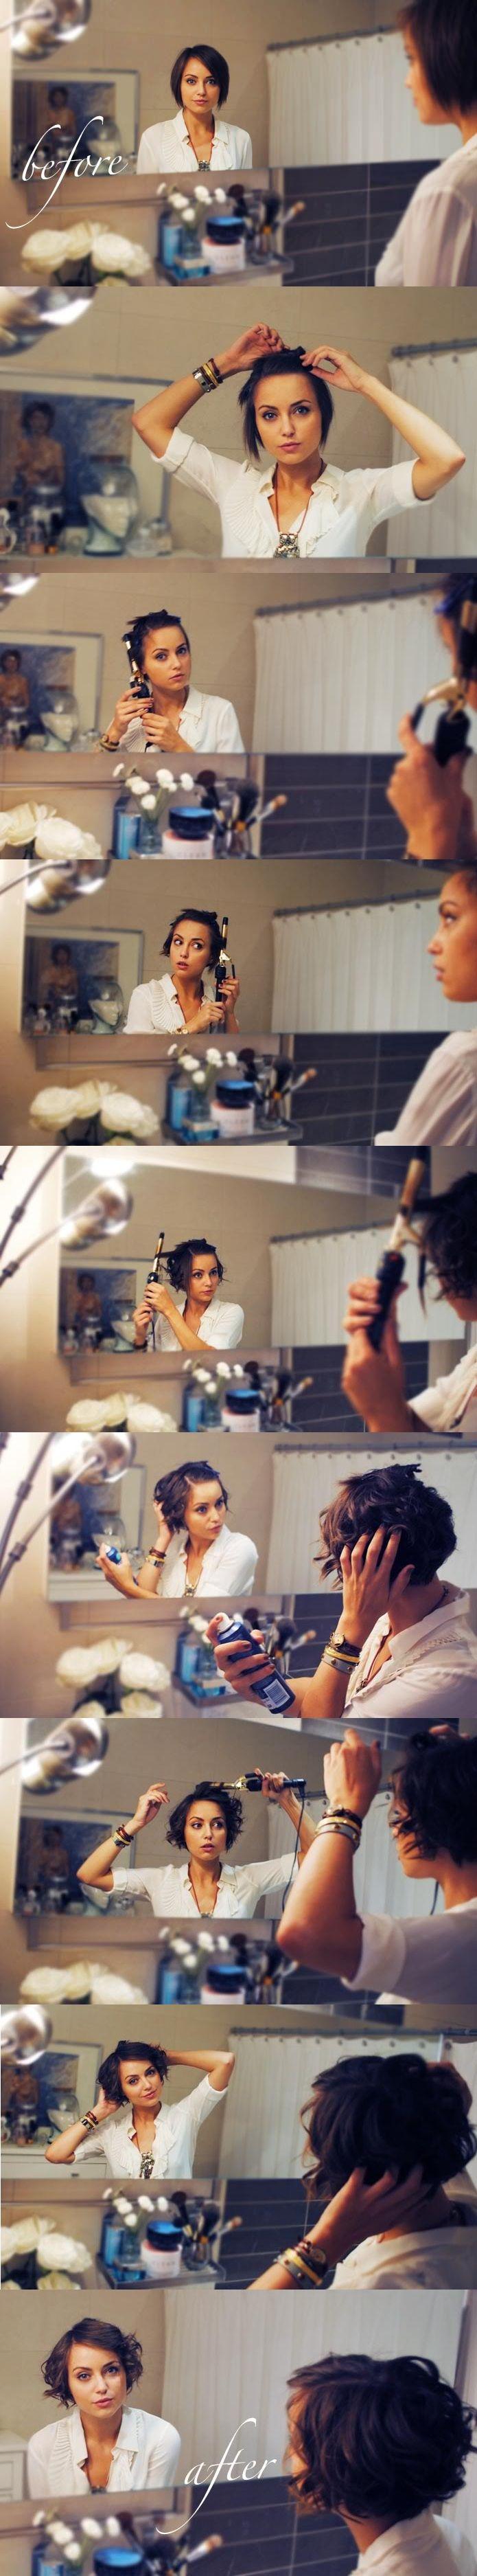 coiffure comment faire coupe pixie cut